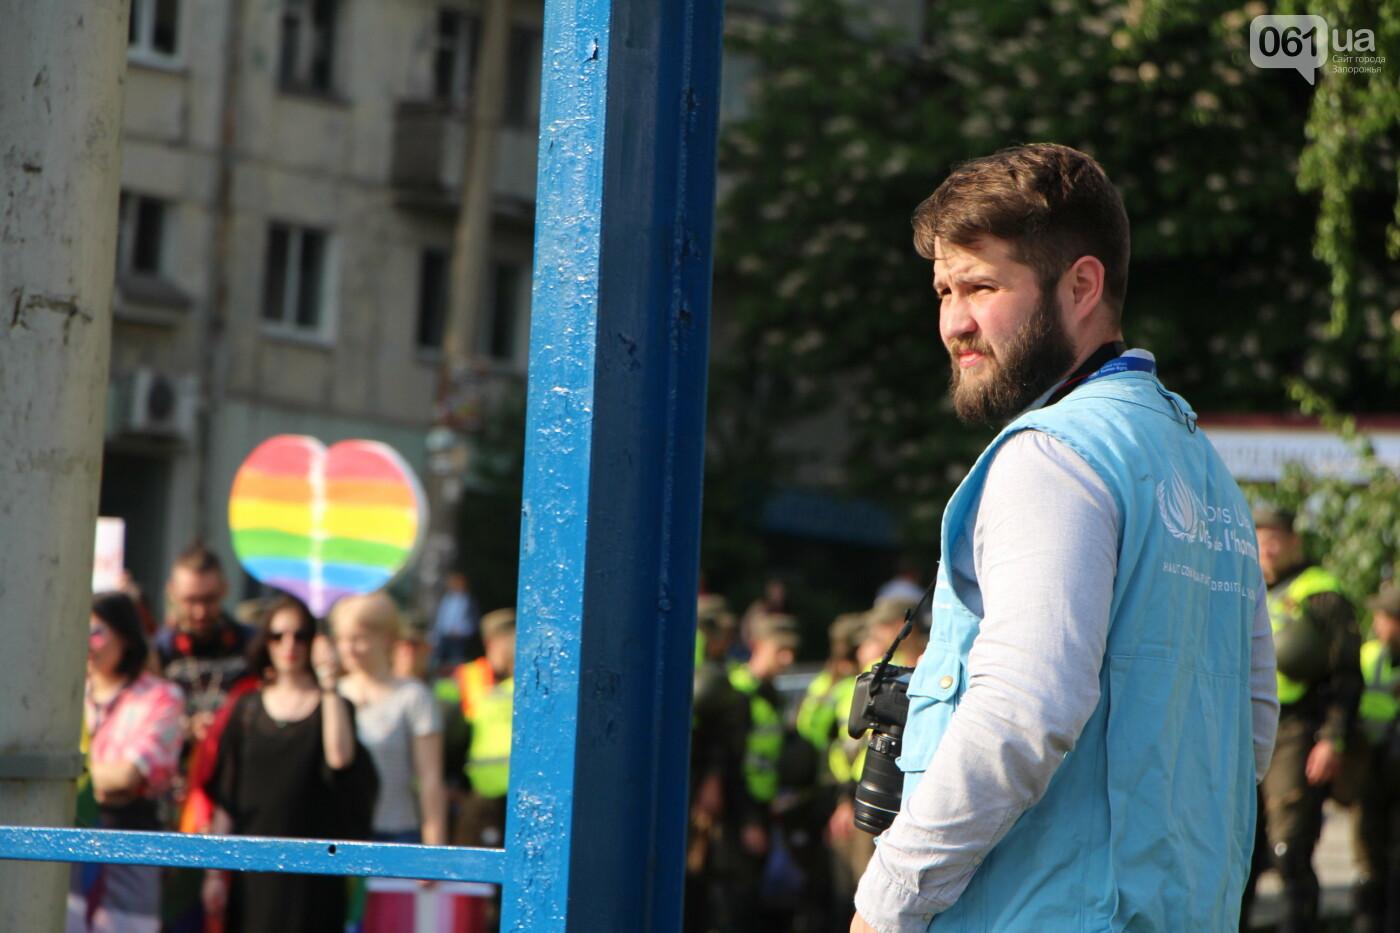 """""""Радужный флешмоб"""" переехал из-за угрозы насилия: как прошла ЛГБТ-акция в Запорожье, - ФОТОРЕПОРТАЖ, фото-13"""